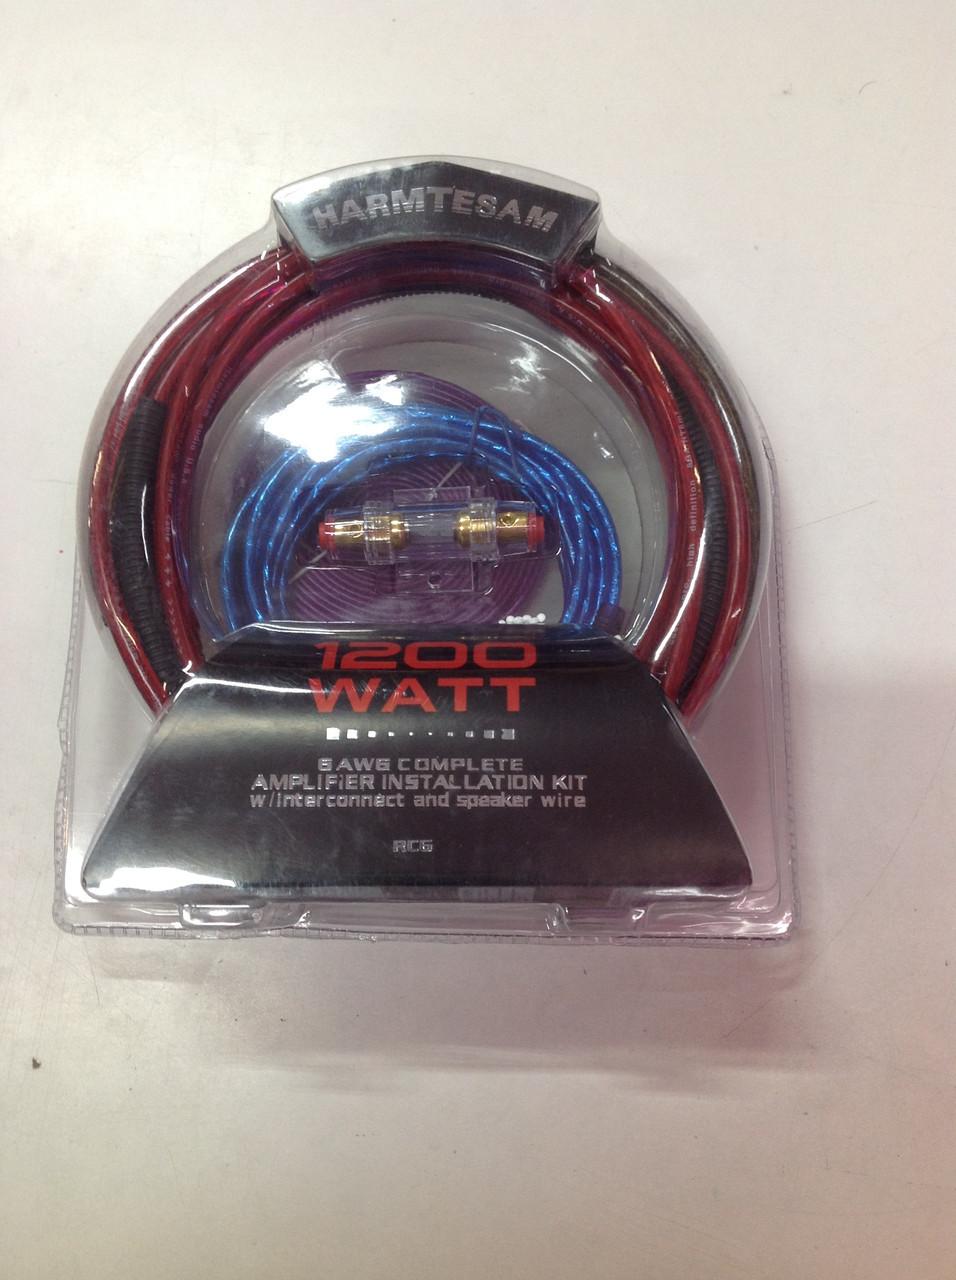 Набор акустических кабелей для усилителя, сабвуфера 6 метров Harmtesam RC6 1200W 6 AWG